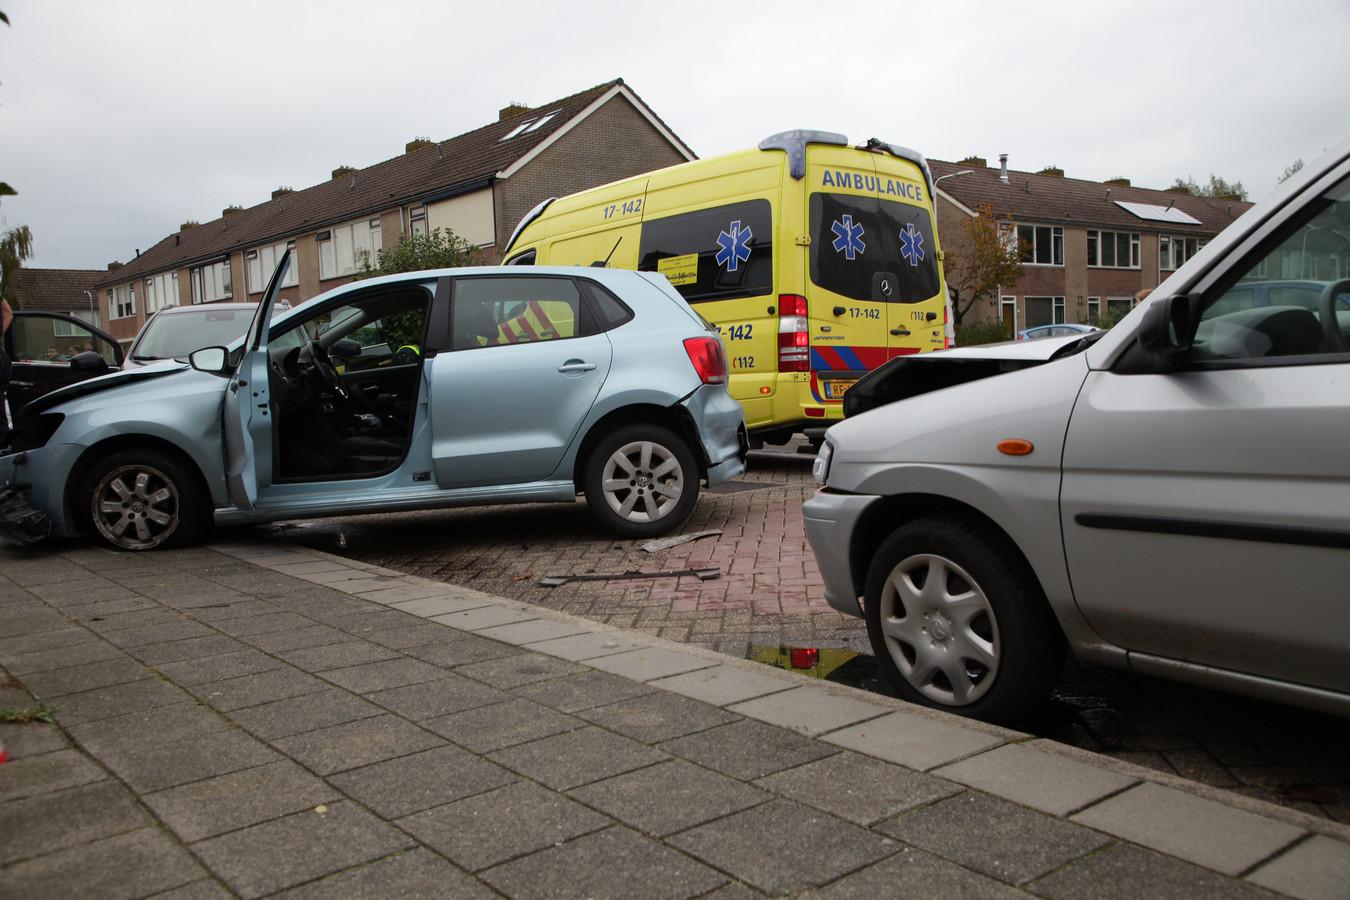 De politie heeft de bestuurder aangehouden en verdenkt hem van poging tot doodslag dan wel moord.